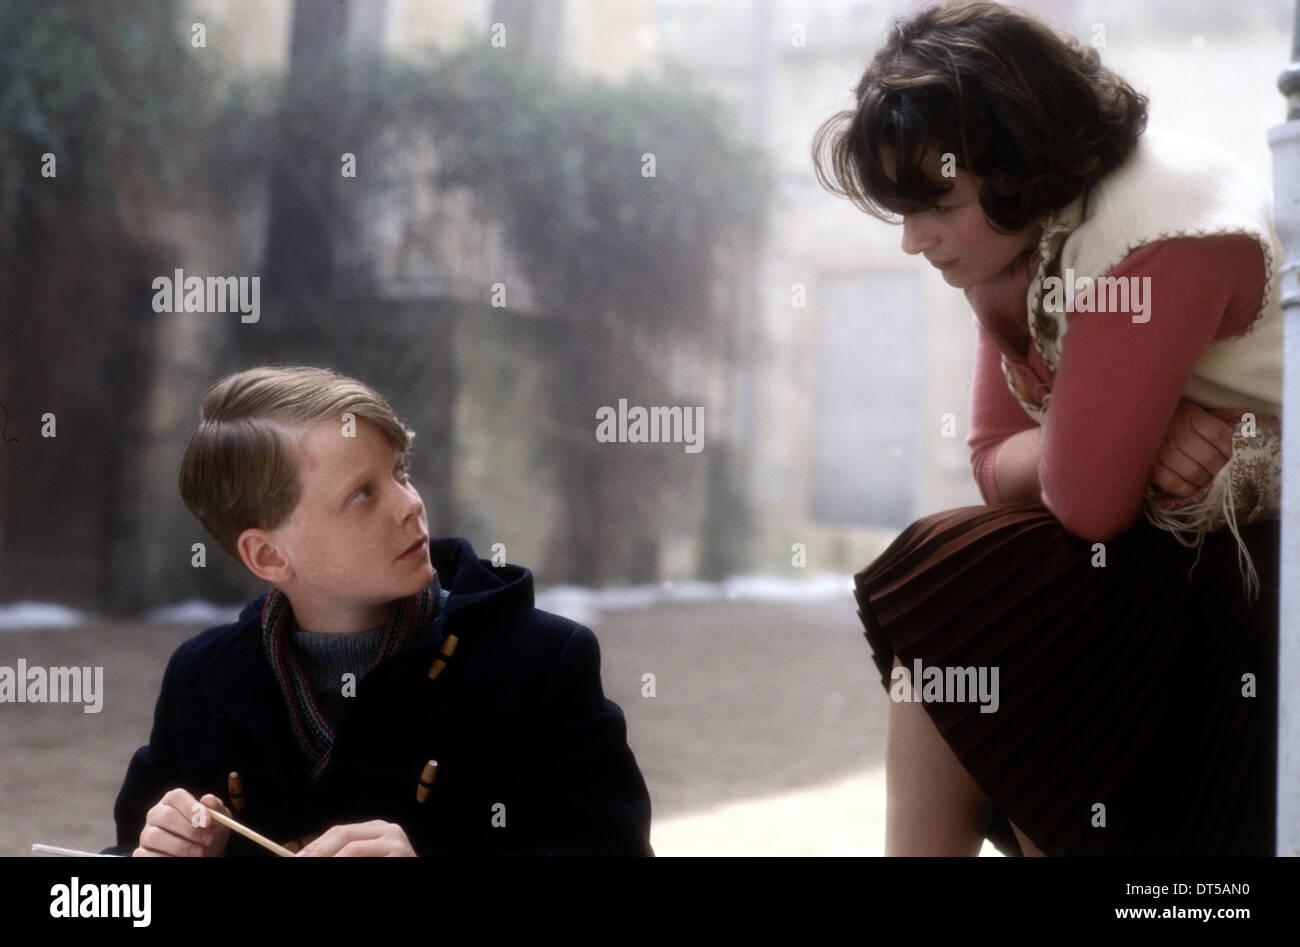 AURELIEN PARENT KOENIG & JULIETTE BINOCHE CHOCOLAT (2000) - Stock Image